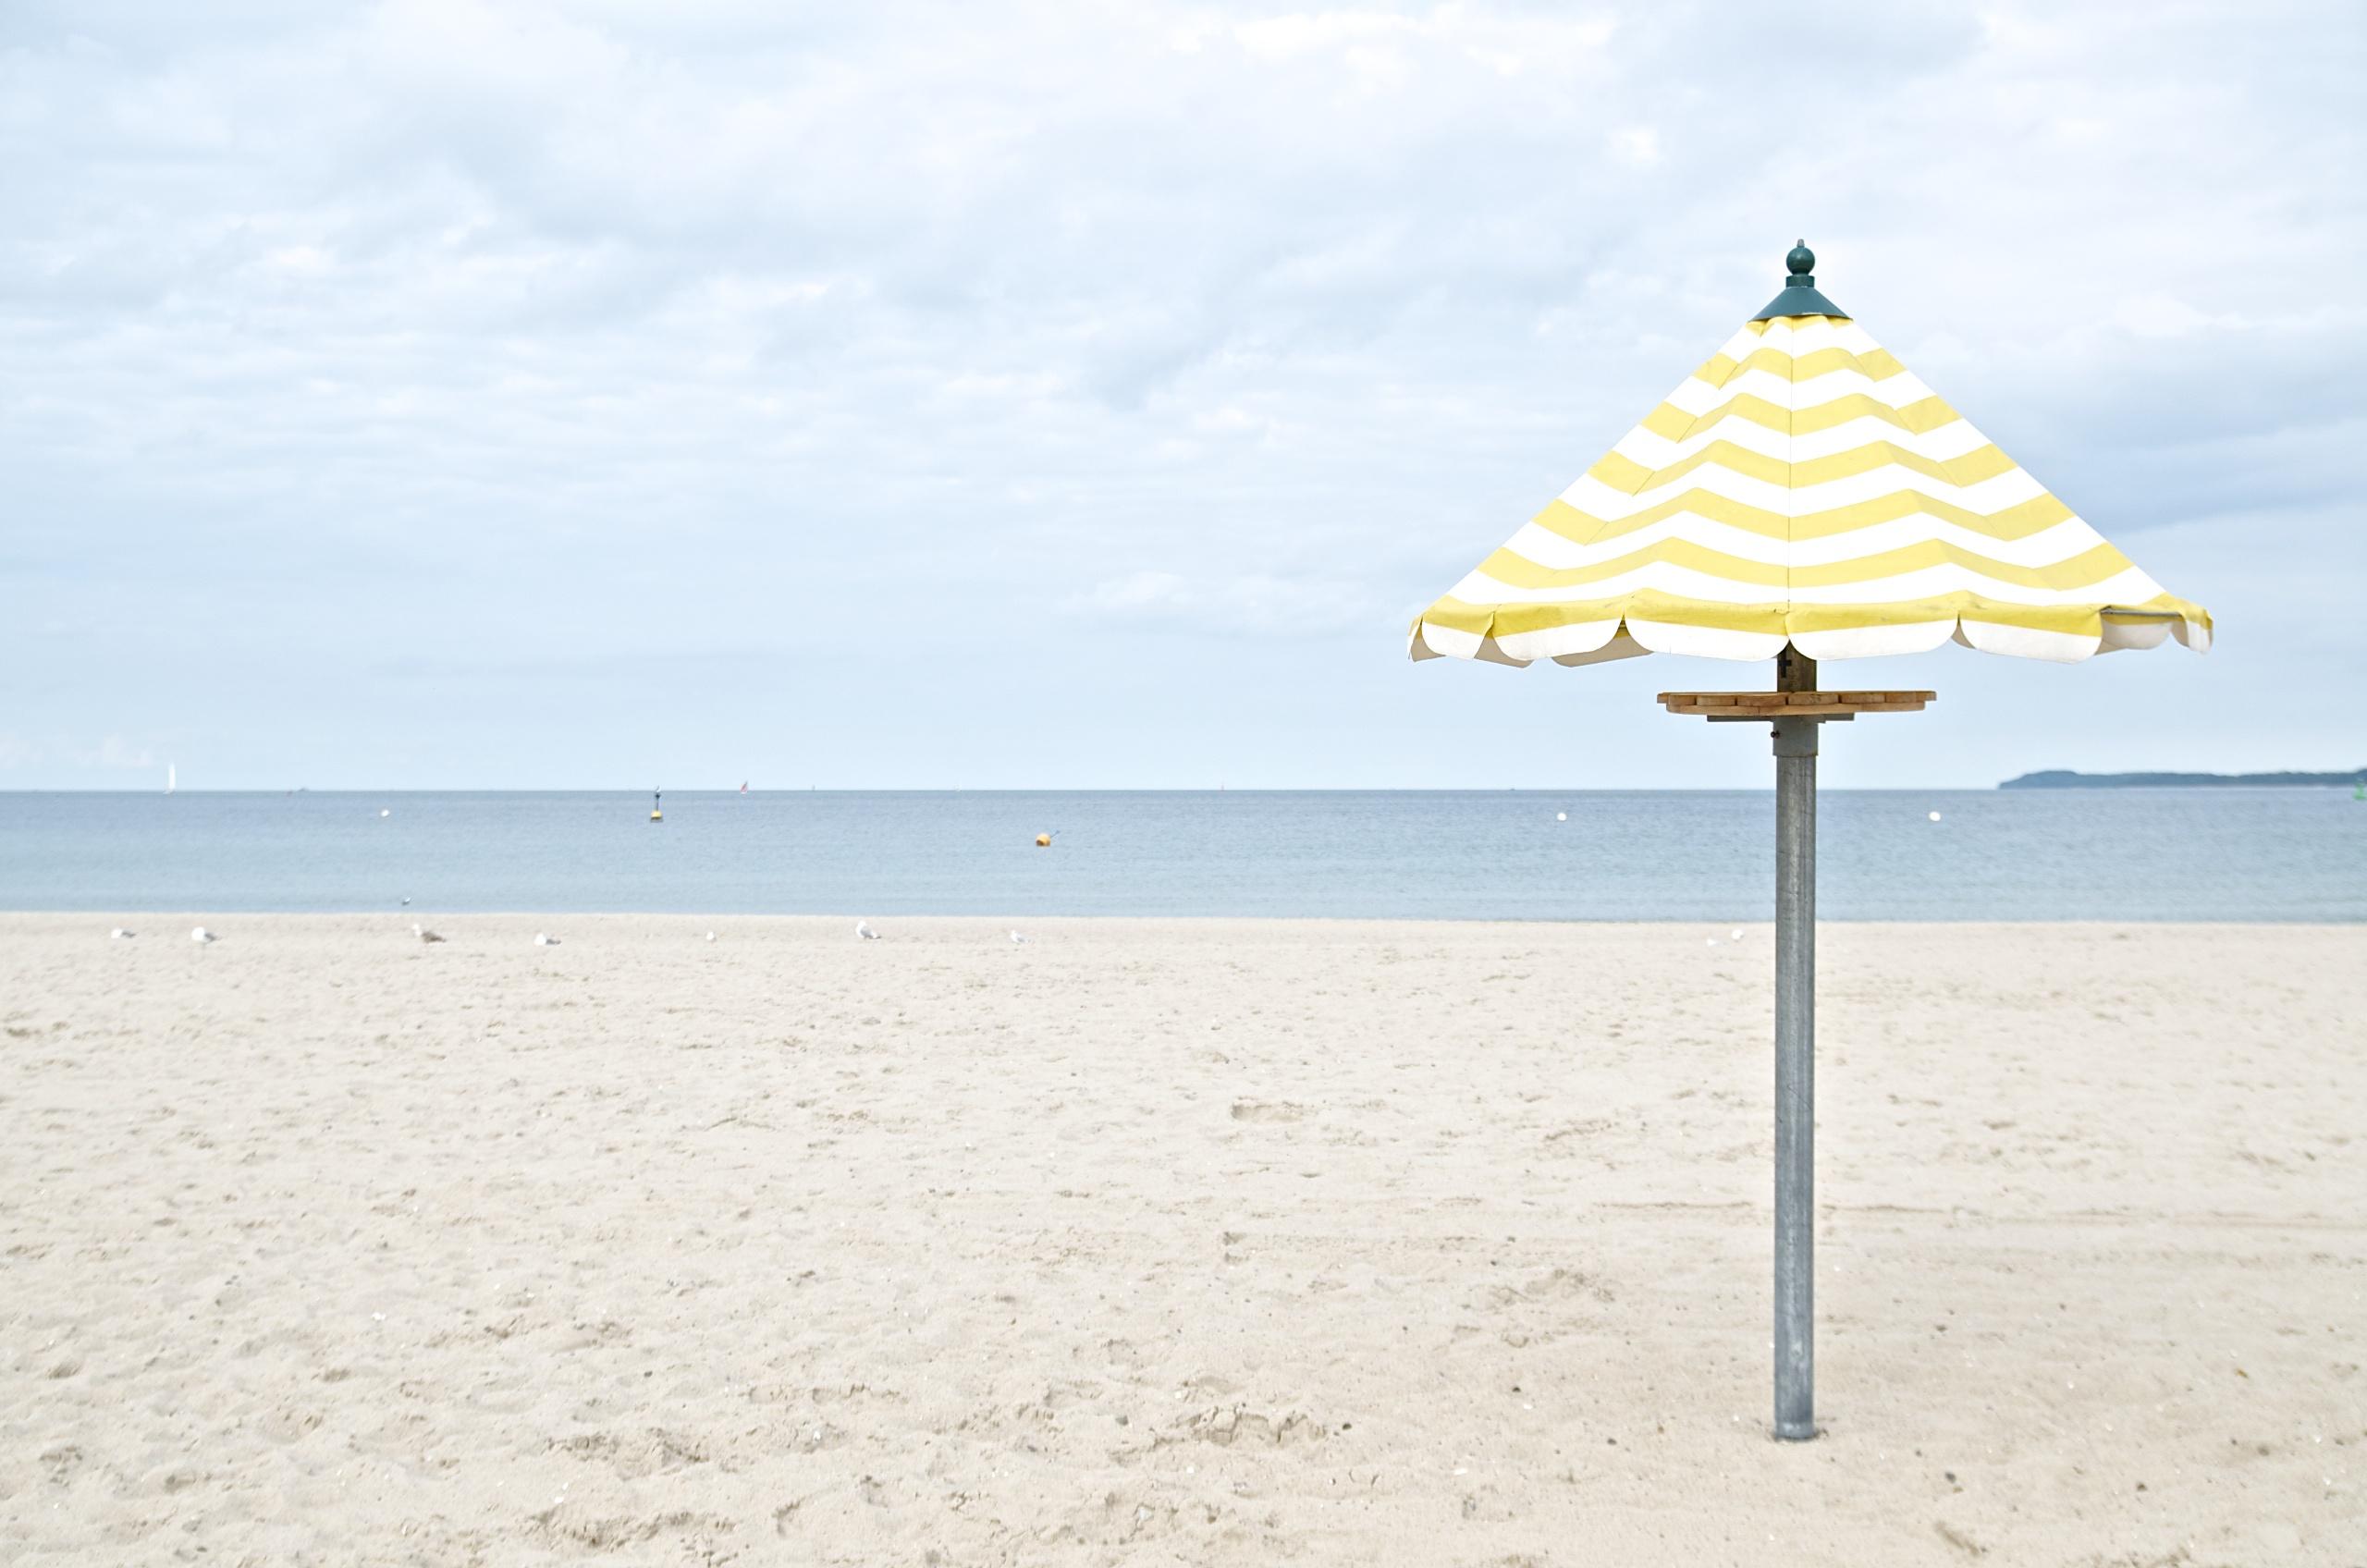 (K)Ein Tag am Meer,gelb-weiß gestreifter Sonnenschirm am Strand in Travemünde, Himmel, Meer